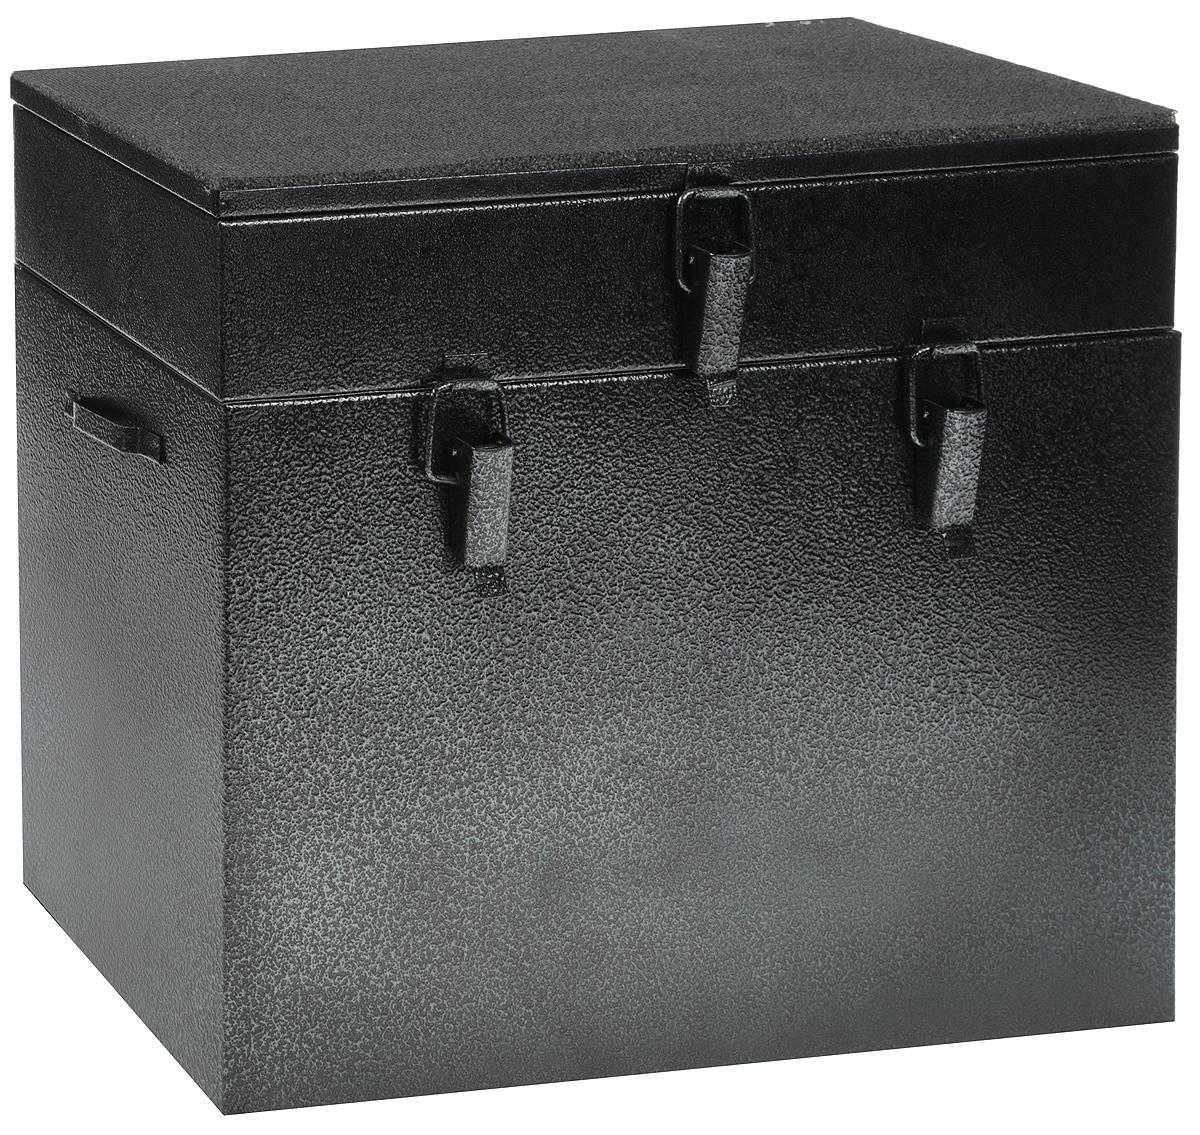 Ящик рыболова Рост, двухъярусный, окрашенный, 40 см х 19 см х 36 см